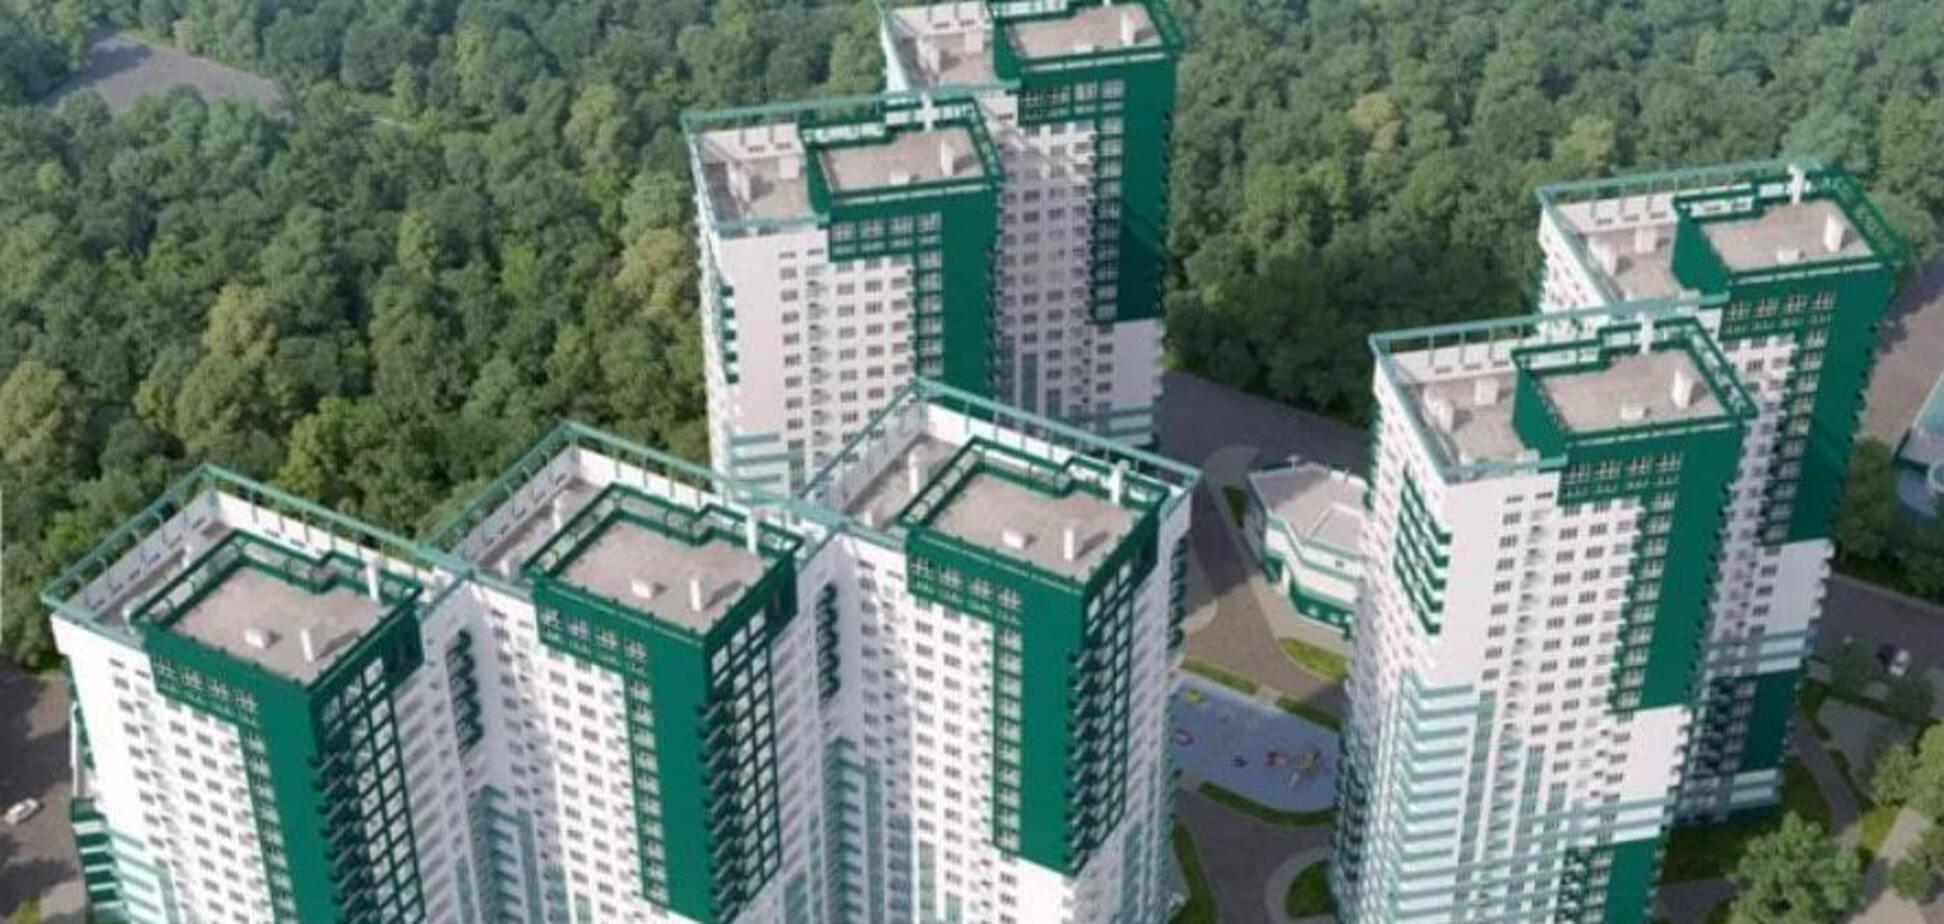 Суд дозволив будувати без дозволів прокурорський ЖК Альтаїр-3 в Одесі